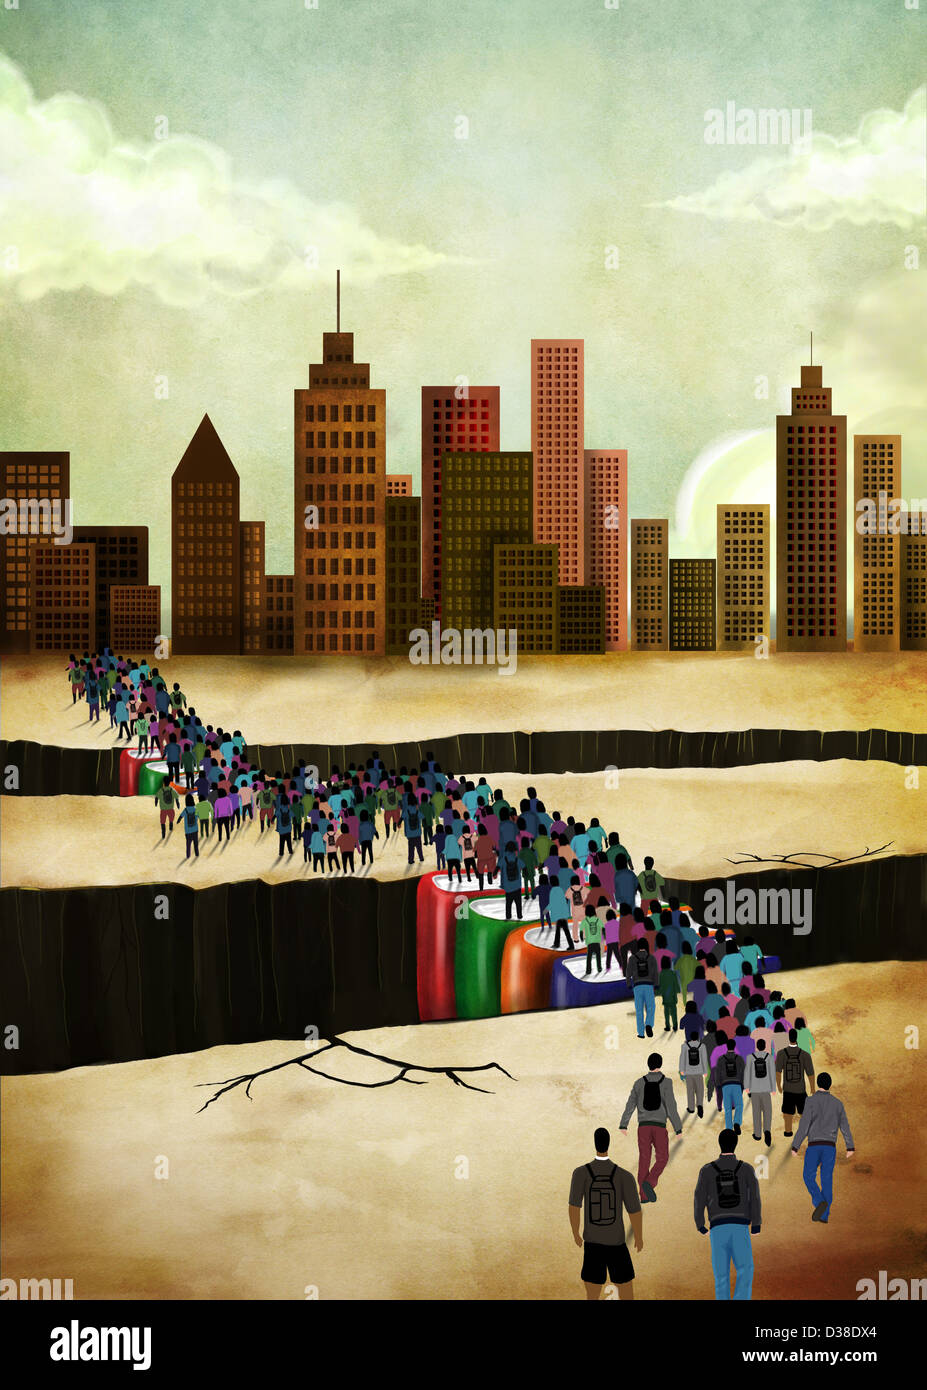 Imagen ilustrativa de personas brecha puente Imagen De Stock